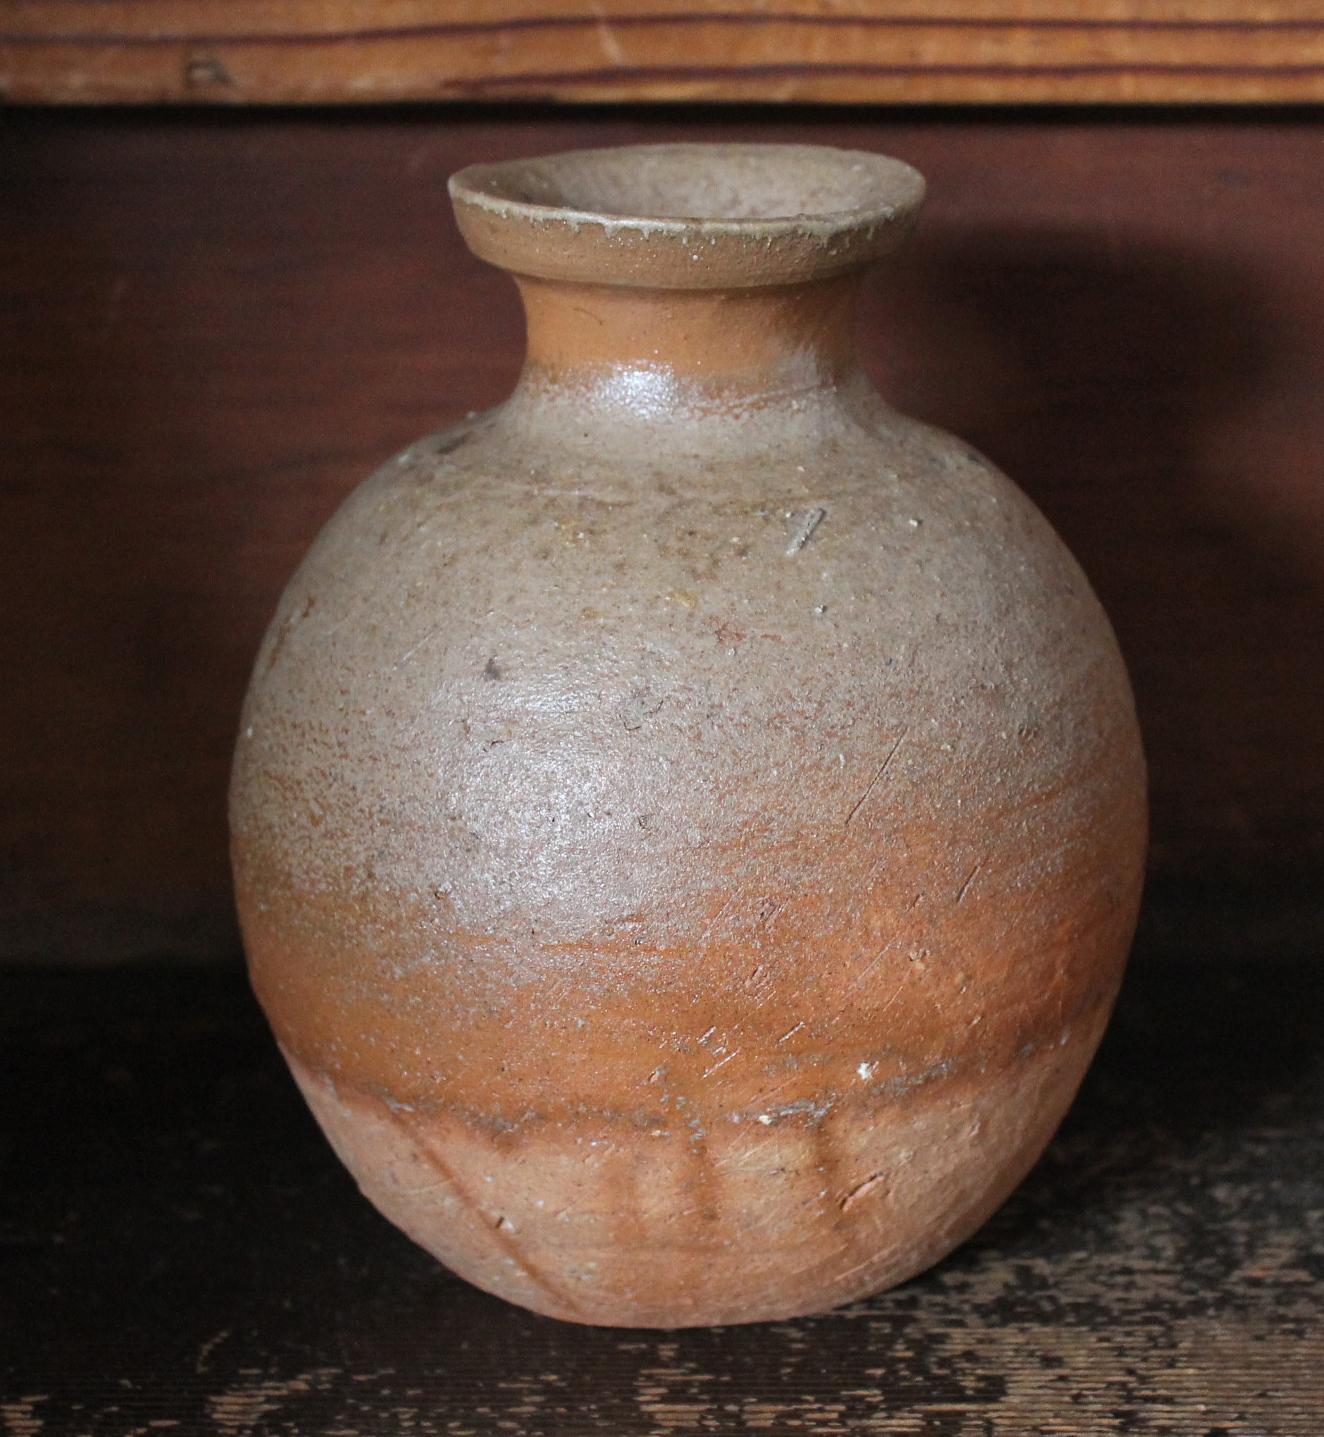 Mori Togaku 1980 Bizen Kabura Flask-Vase